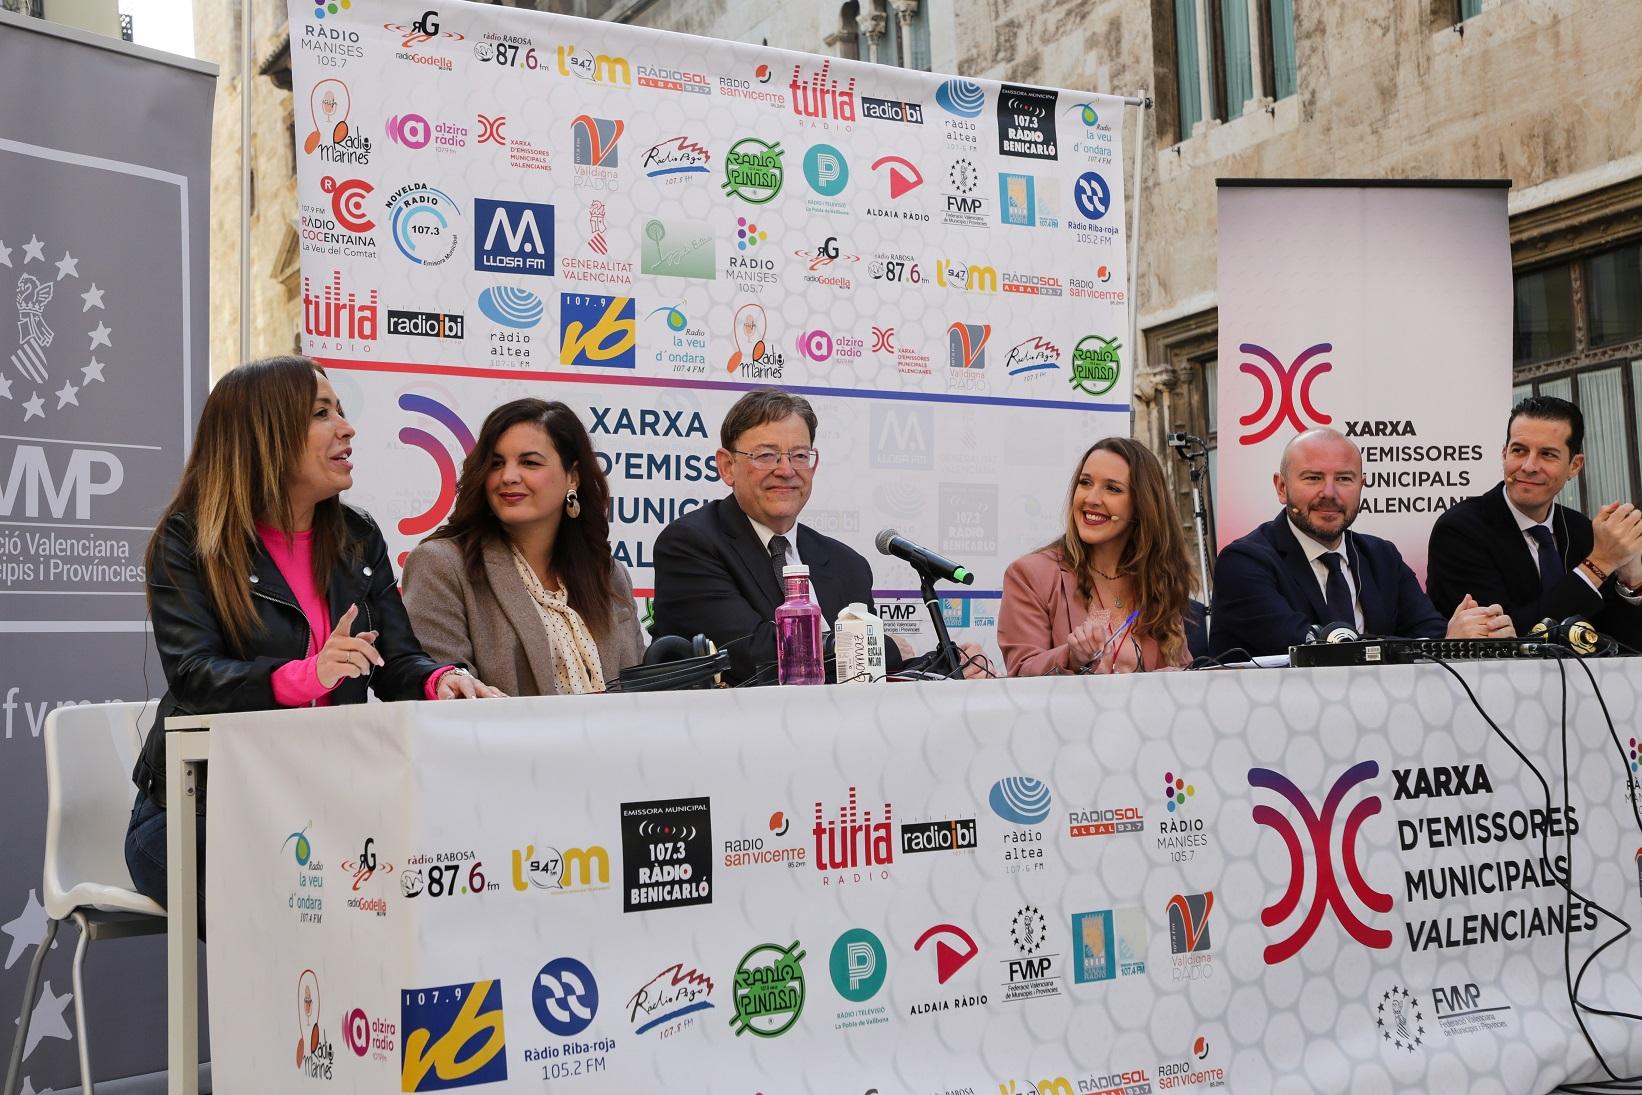 Ximo Puig avança que la Generalitat desenvoluparà una línia de suport per a les emissores locals en el seu procés de renovació tecnològica